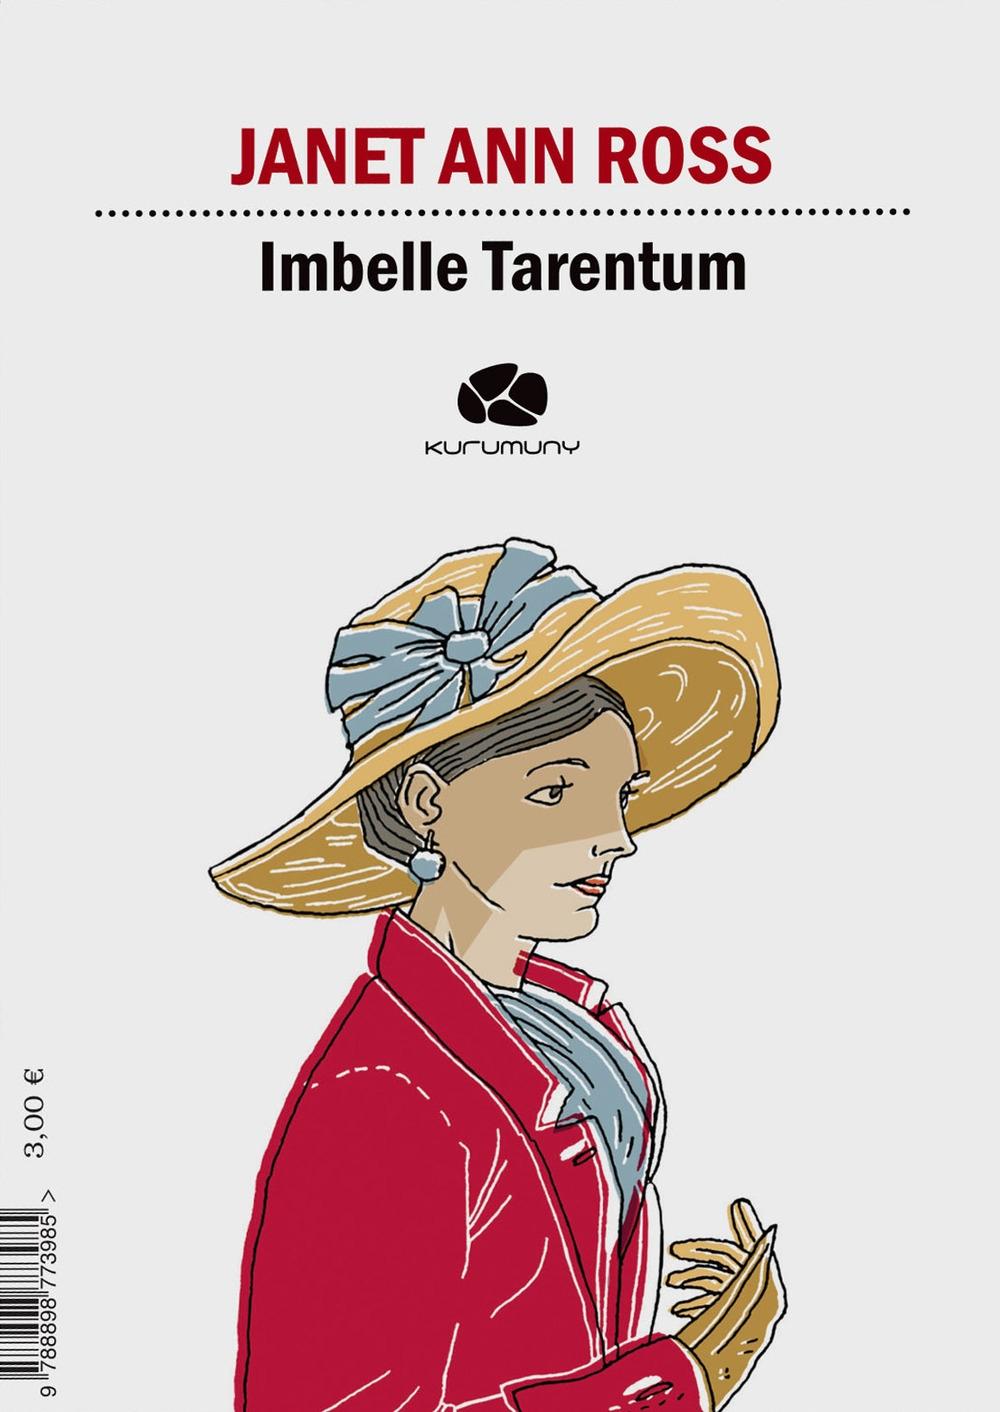 Imbelle Tarentum